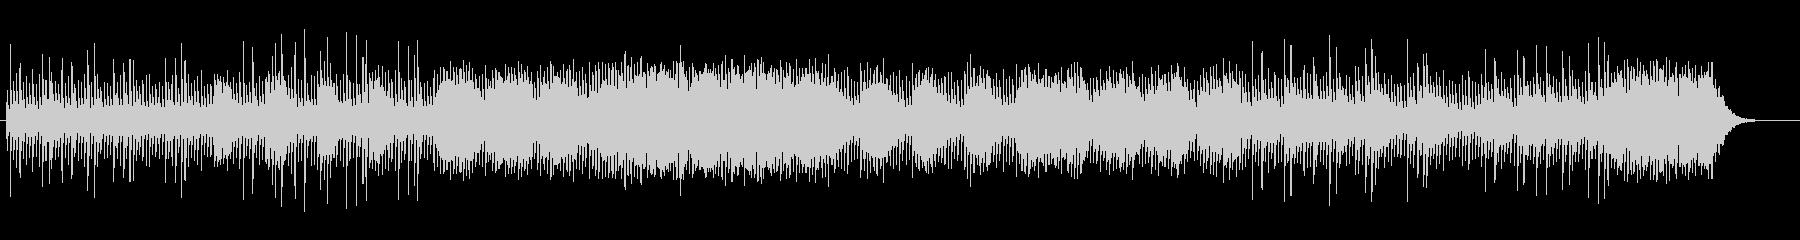 透明感とミステリアスなシンセサウンドの未再生の波形